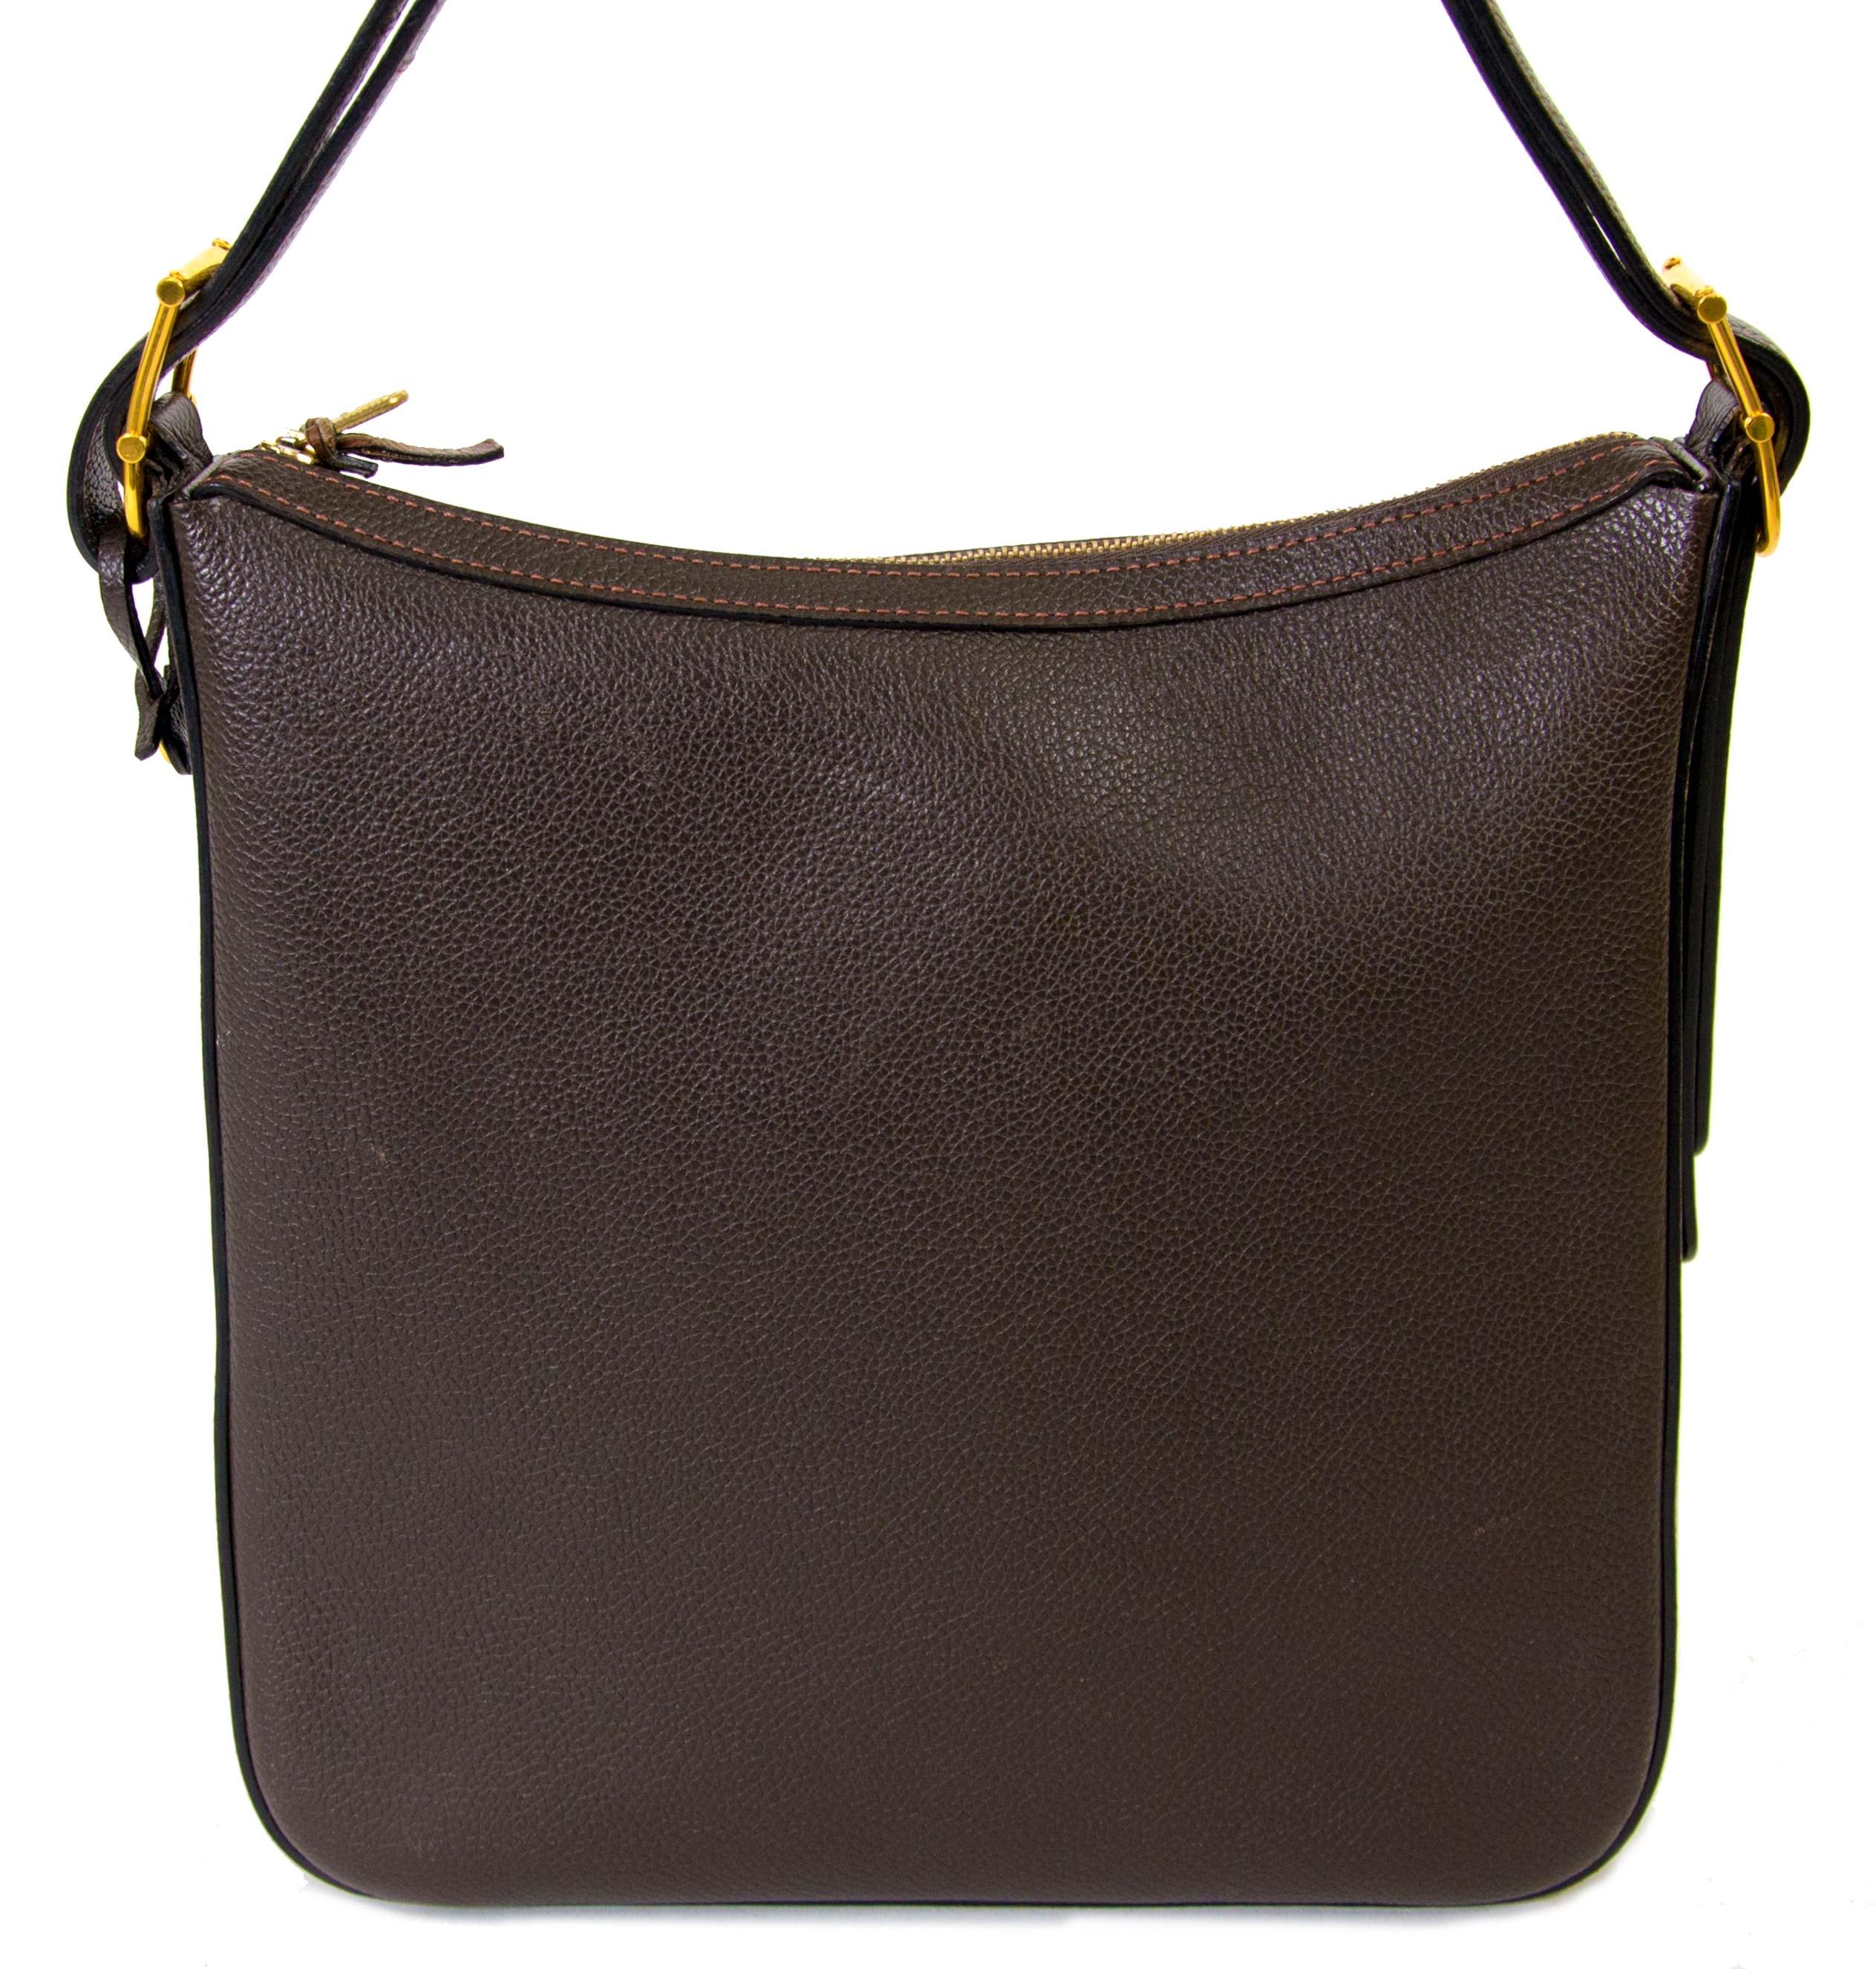 ... achetez Delvaux Brown Leather Shoulderbag et payez secure on ligne ea34eca21a6b9